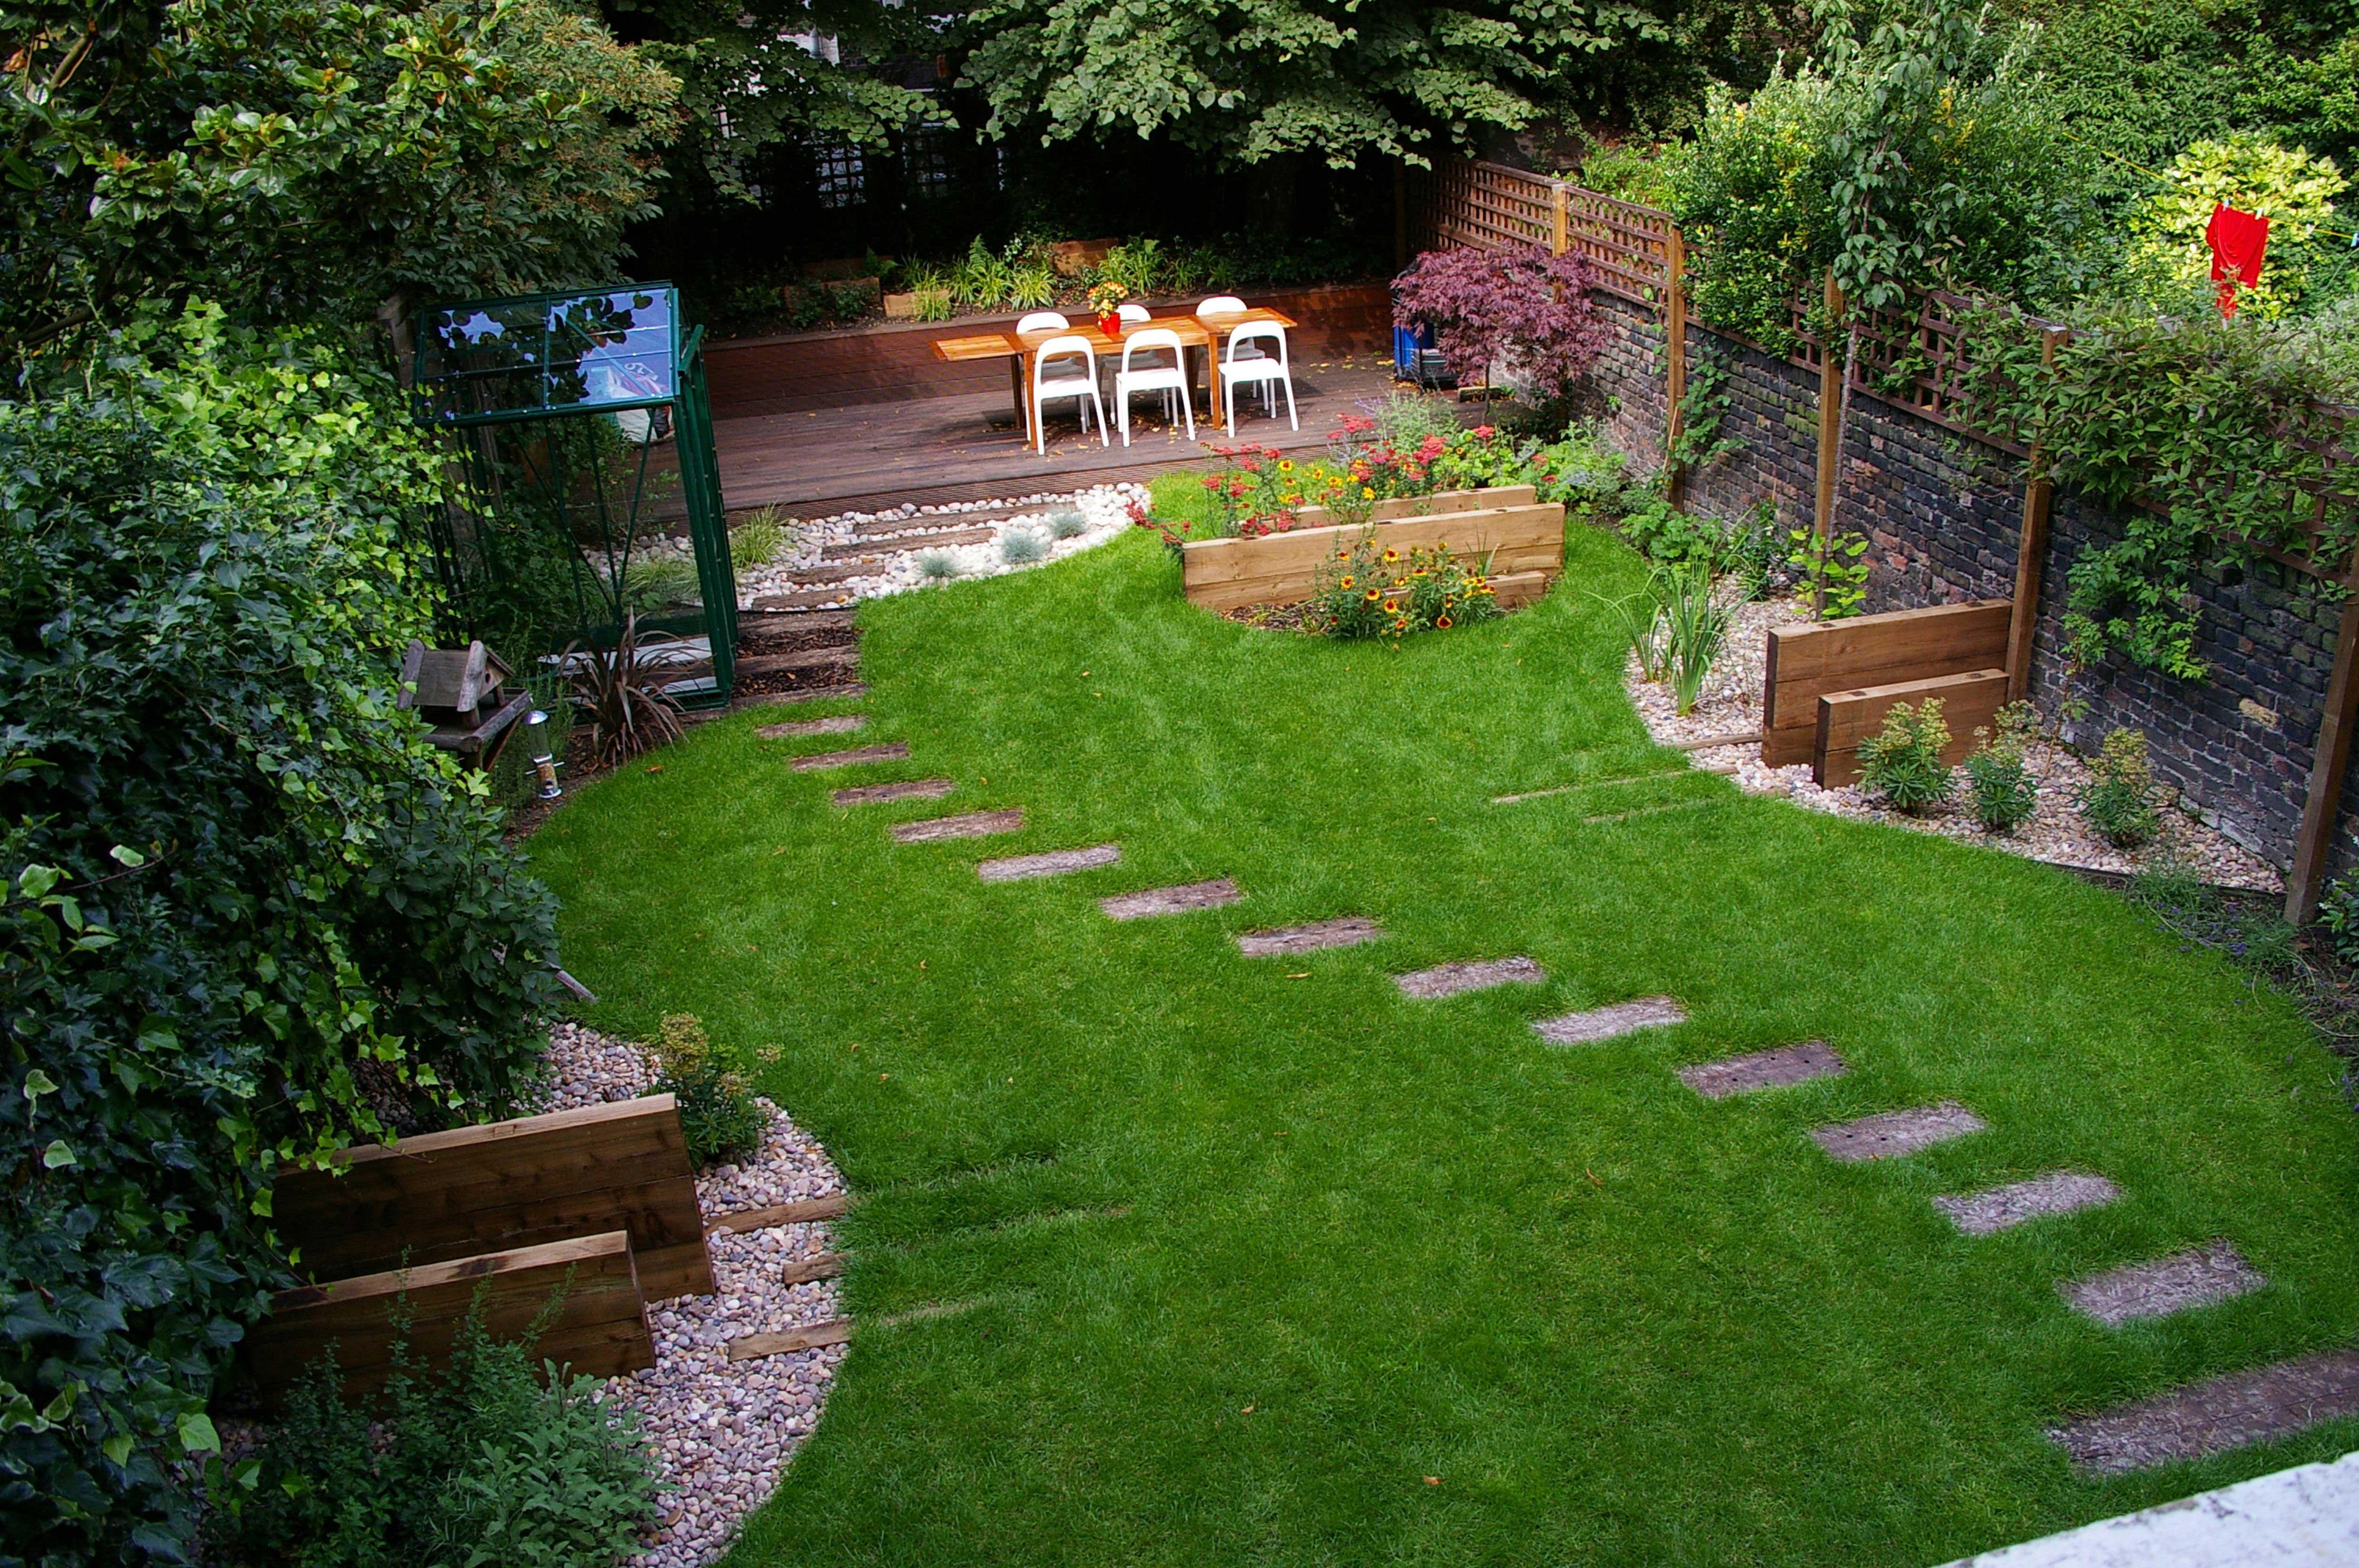 Дизайн на садовом участке видео